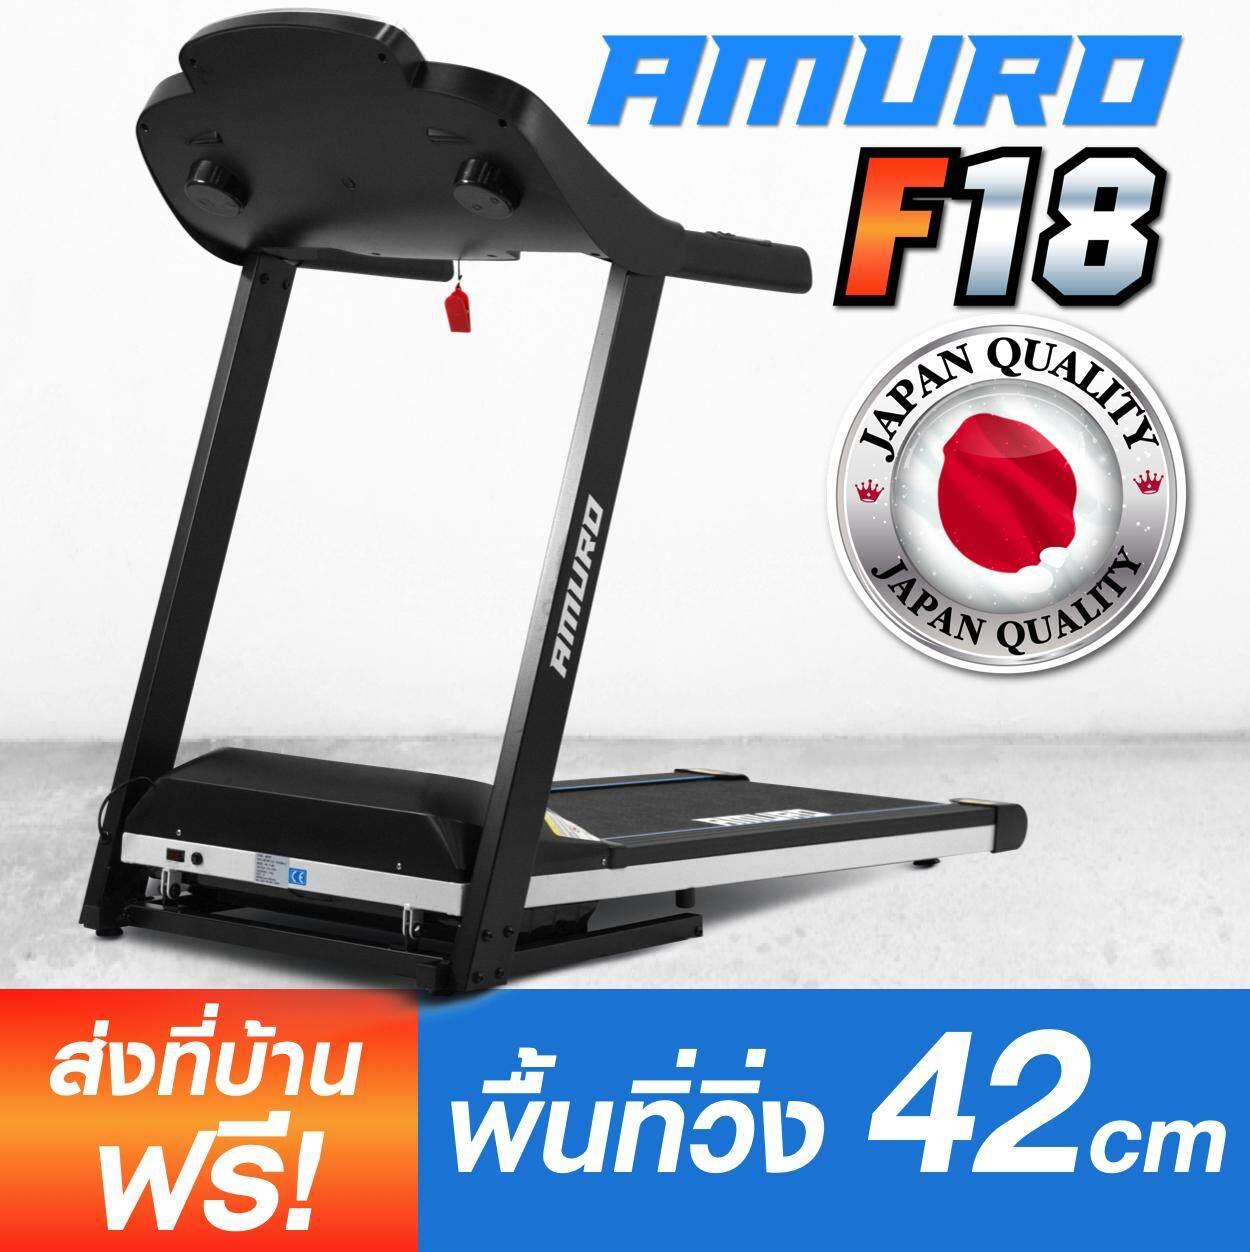 เก็บเงินปลายทางได้ AMURO ลู่วิ่งไฟฟ้า คุณภาพ ญี่ปุ่น 2.5 แรงม้า ฟังเพลงได้ เชื่อมต่อมือถือ รุ่น F18